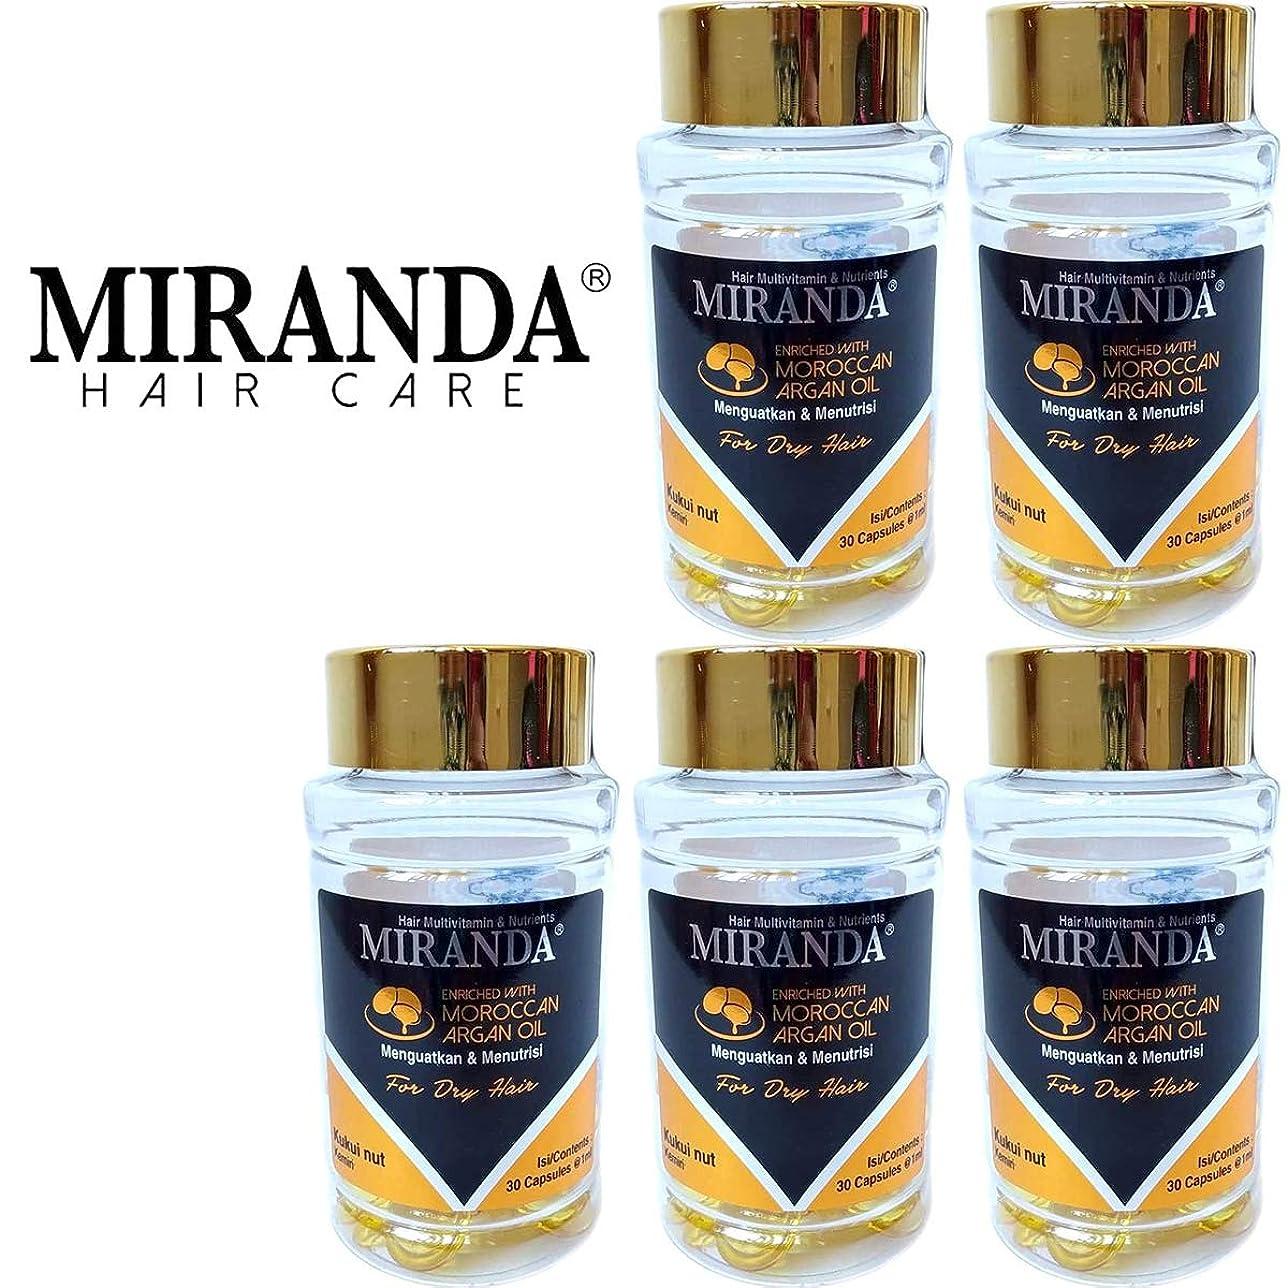 知らせる身元登録するMIRANDA ミランダ Hair Multivitamin&Nutrients ヘアマルチビタミン ニュートリエンツ 洗い流さないヘアトリートメント 30粒入ボトル×5個セット Kukui nut クミリ [海外直送品]